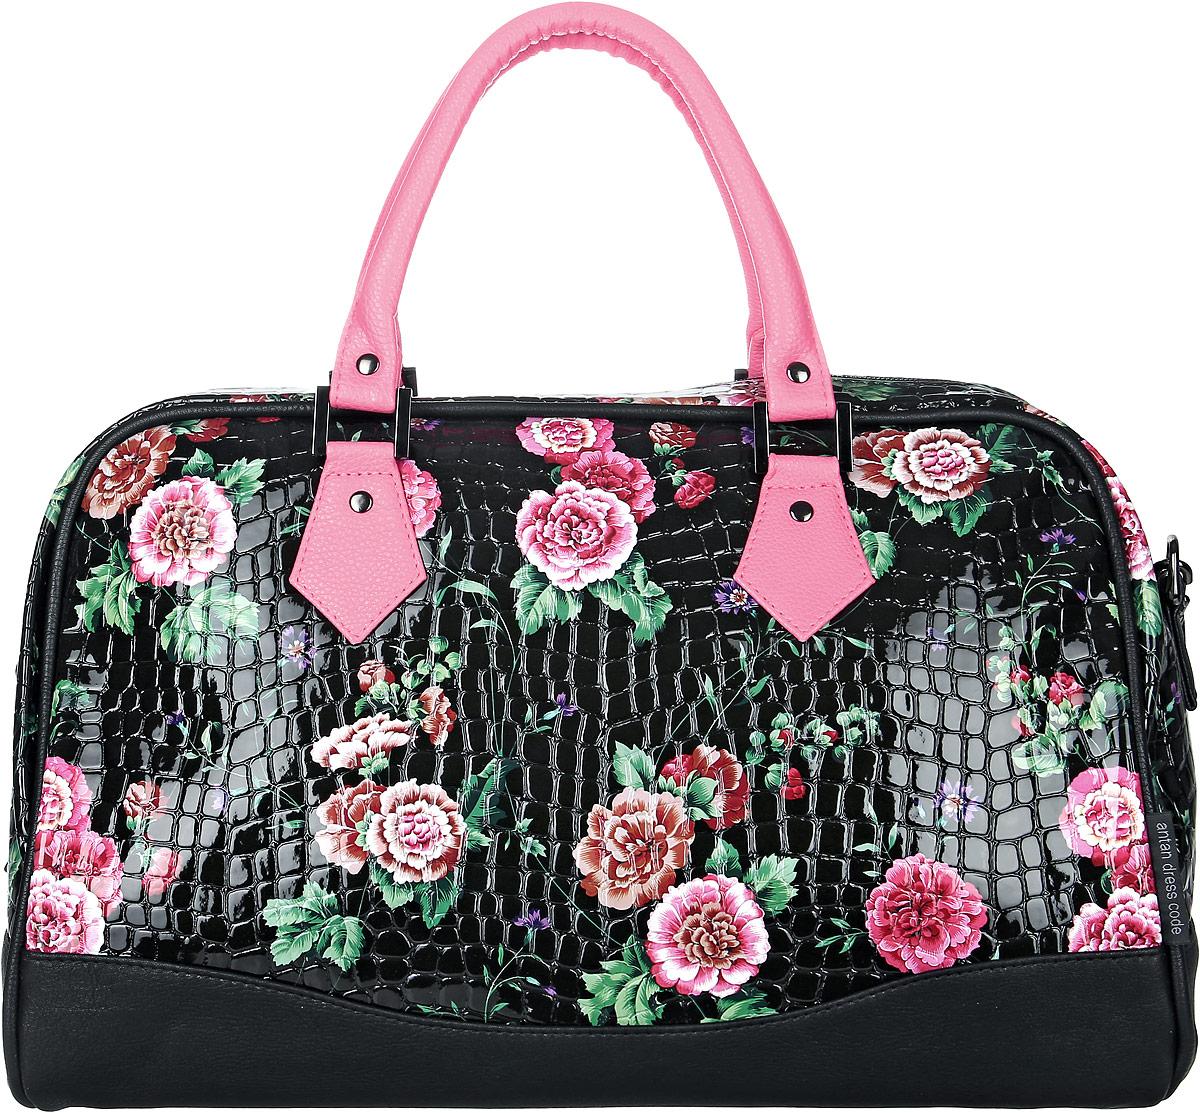 Сумка женская Аntan, цвет: черный, розовый. 4670018861533BM8434-58AEСтильная женская сумка Аntanвыполнена из искусственной кожи. Изделие имеет одно отделение, закрывающееся на застежку-молнию. Внутри сумки находится прорезной карман на застежке-молнии. Модель оснащена двумя удобными ручками и съемным плечевым ремнем.